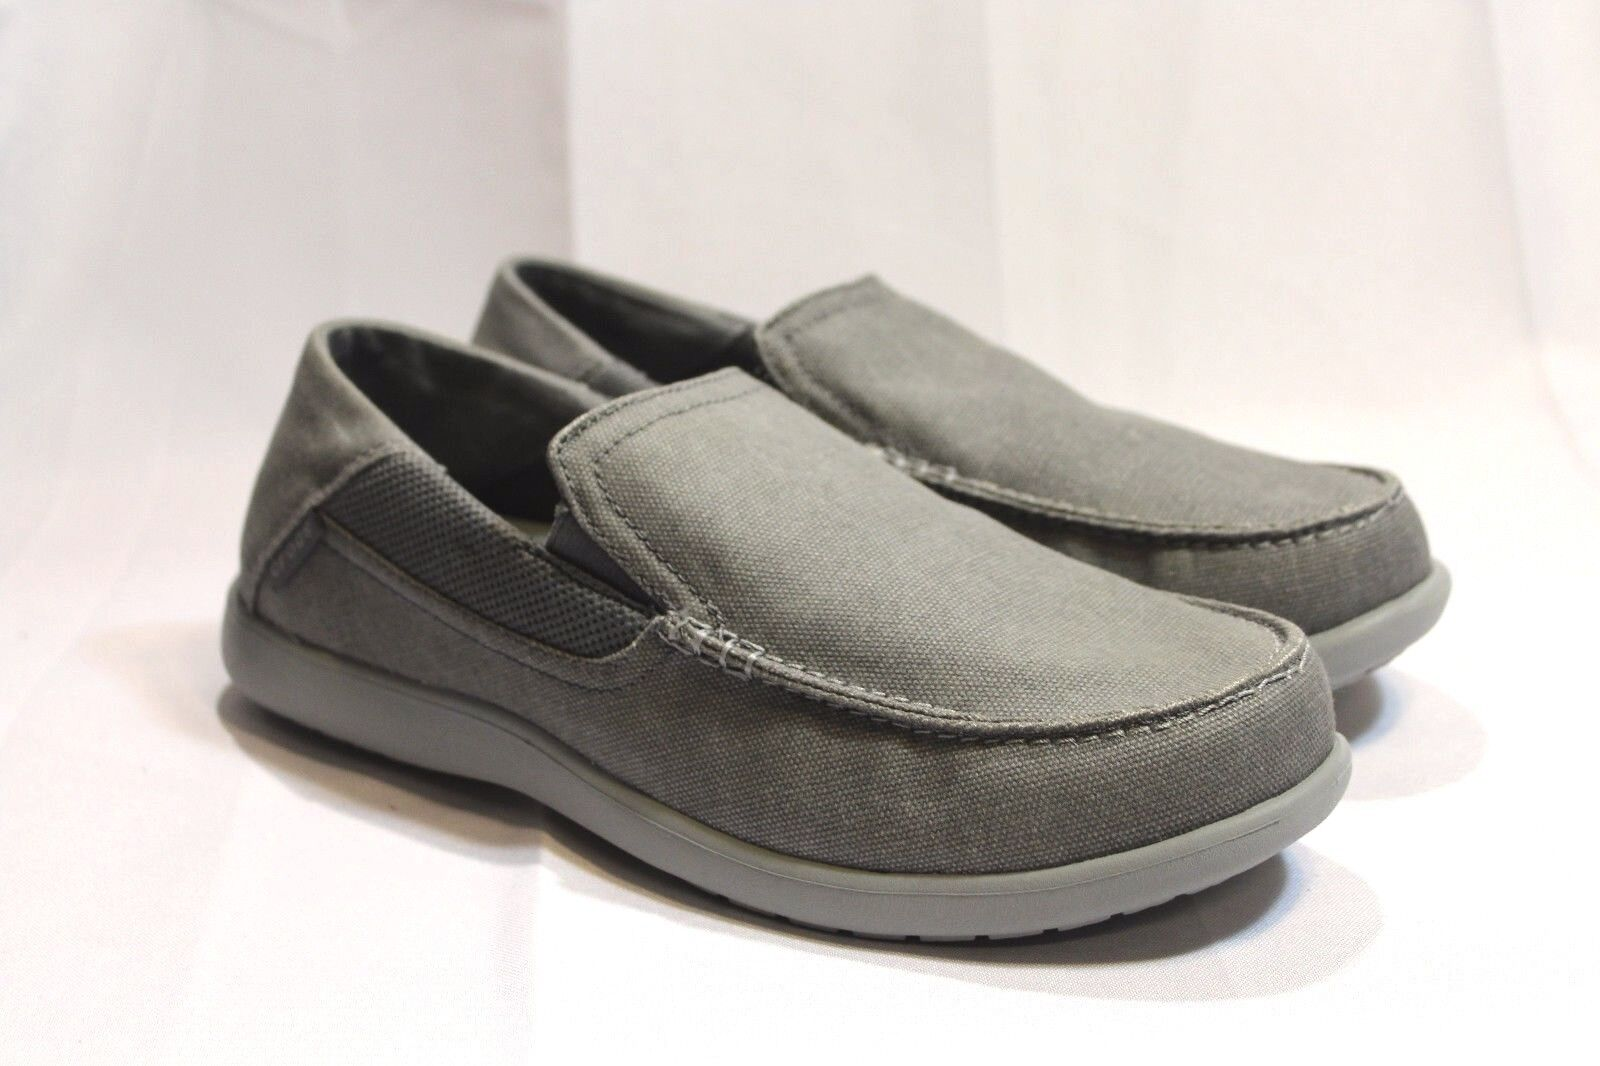 New Men's Gray Crocs Santa Cruz 2 Slip on canvas casual shoes